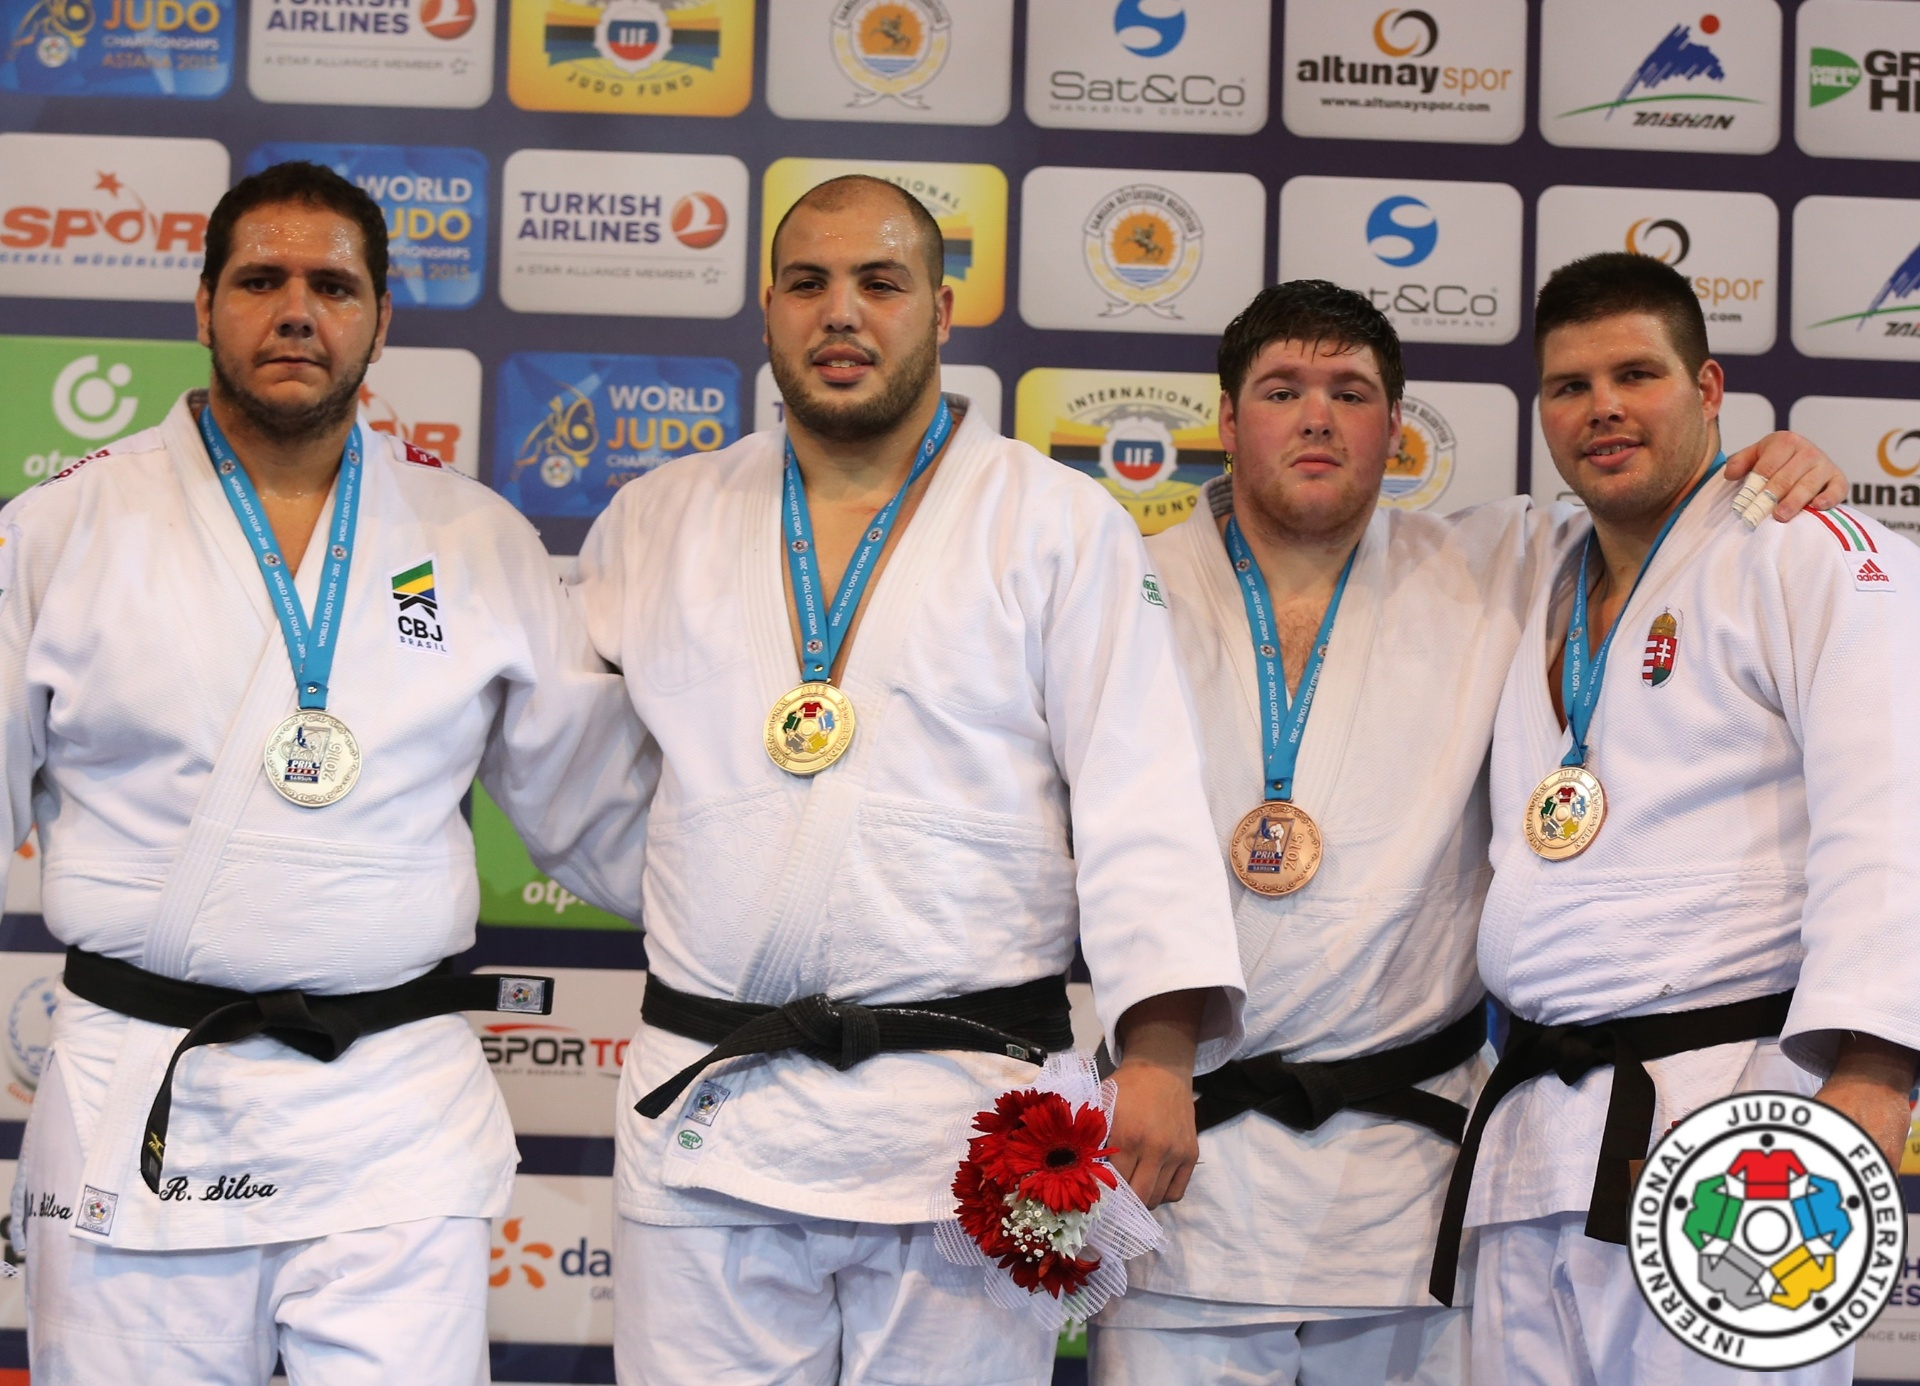 Rafael Silva (primeiro à esquerda) com a sua medalha de prata